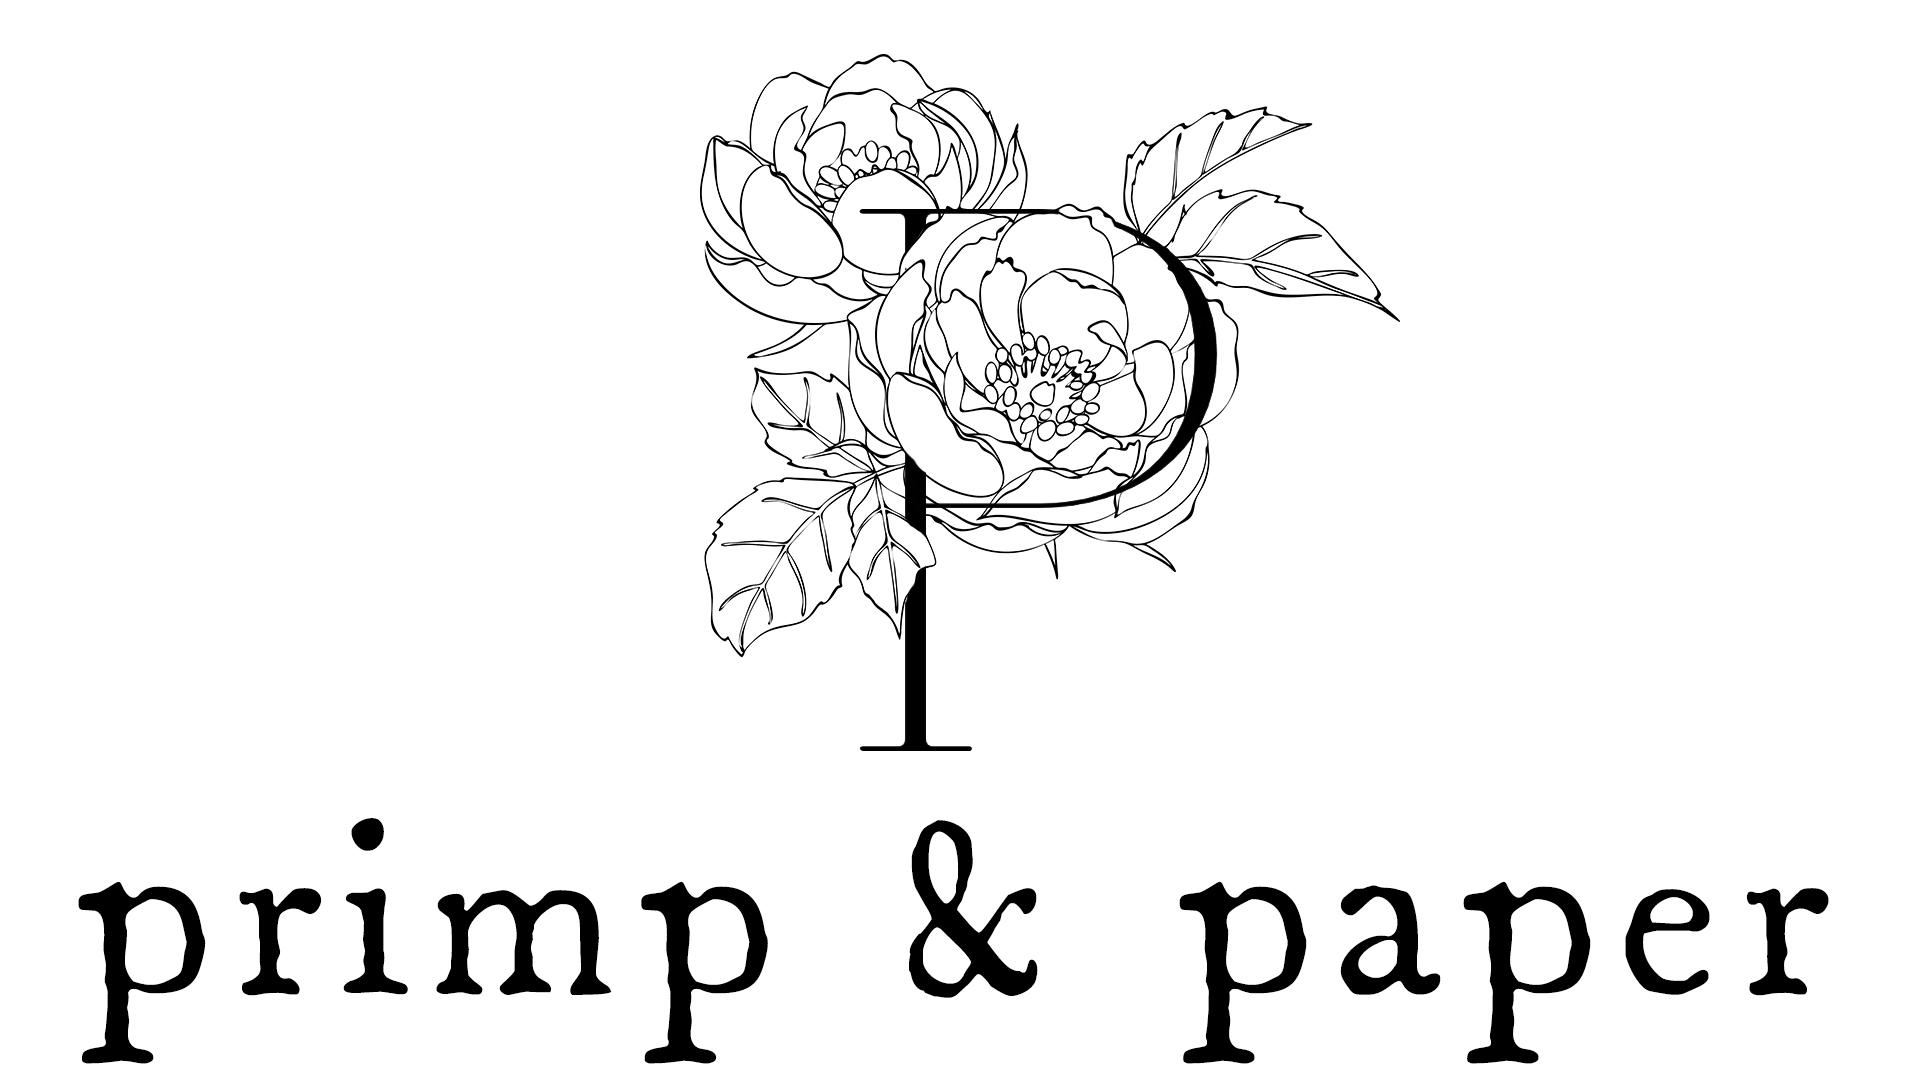 primp & paper